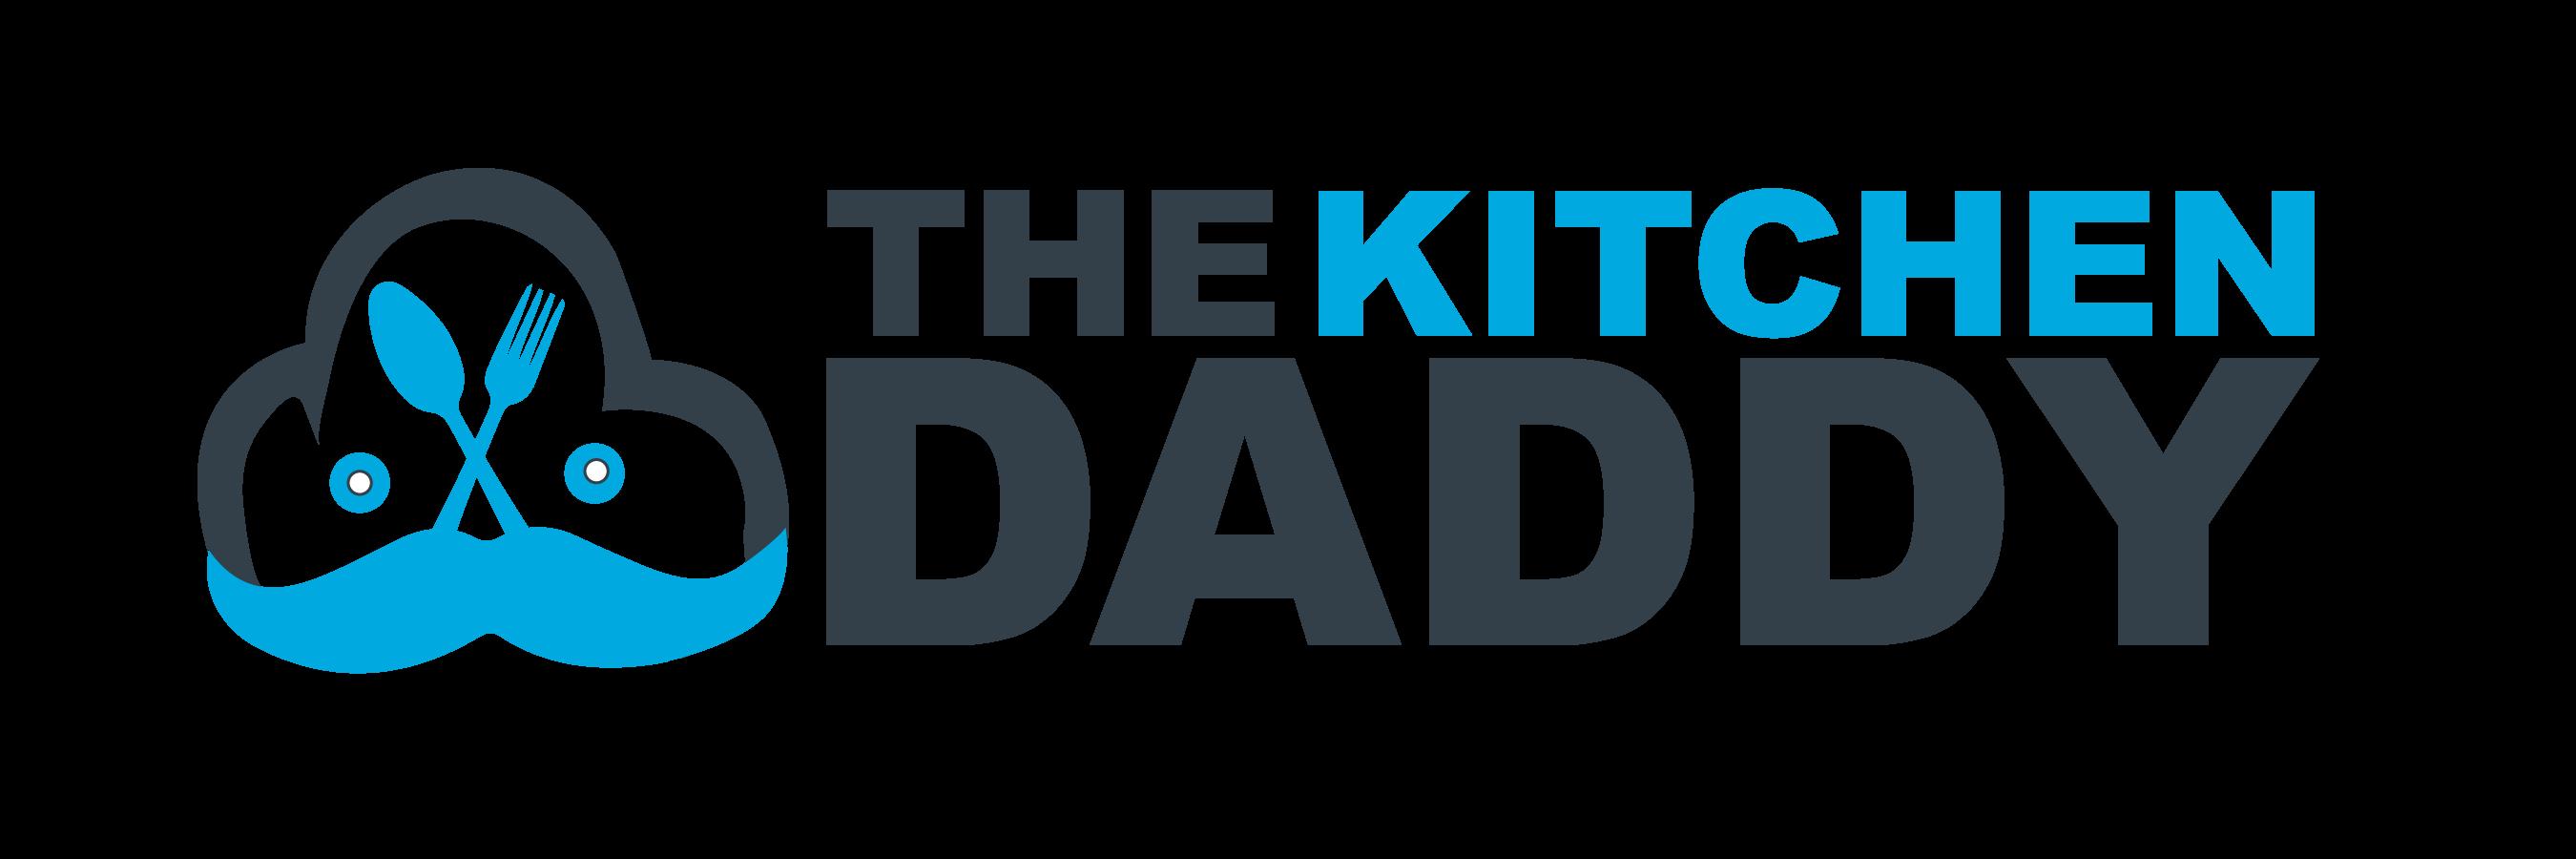 The Kitchen Daddy